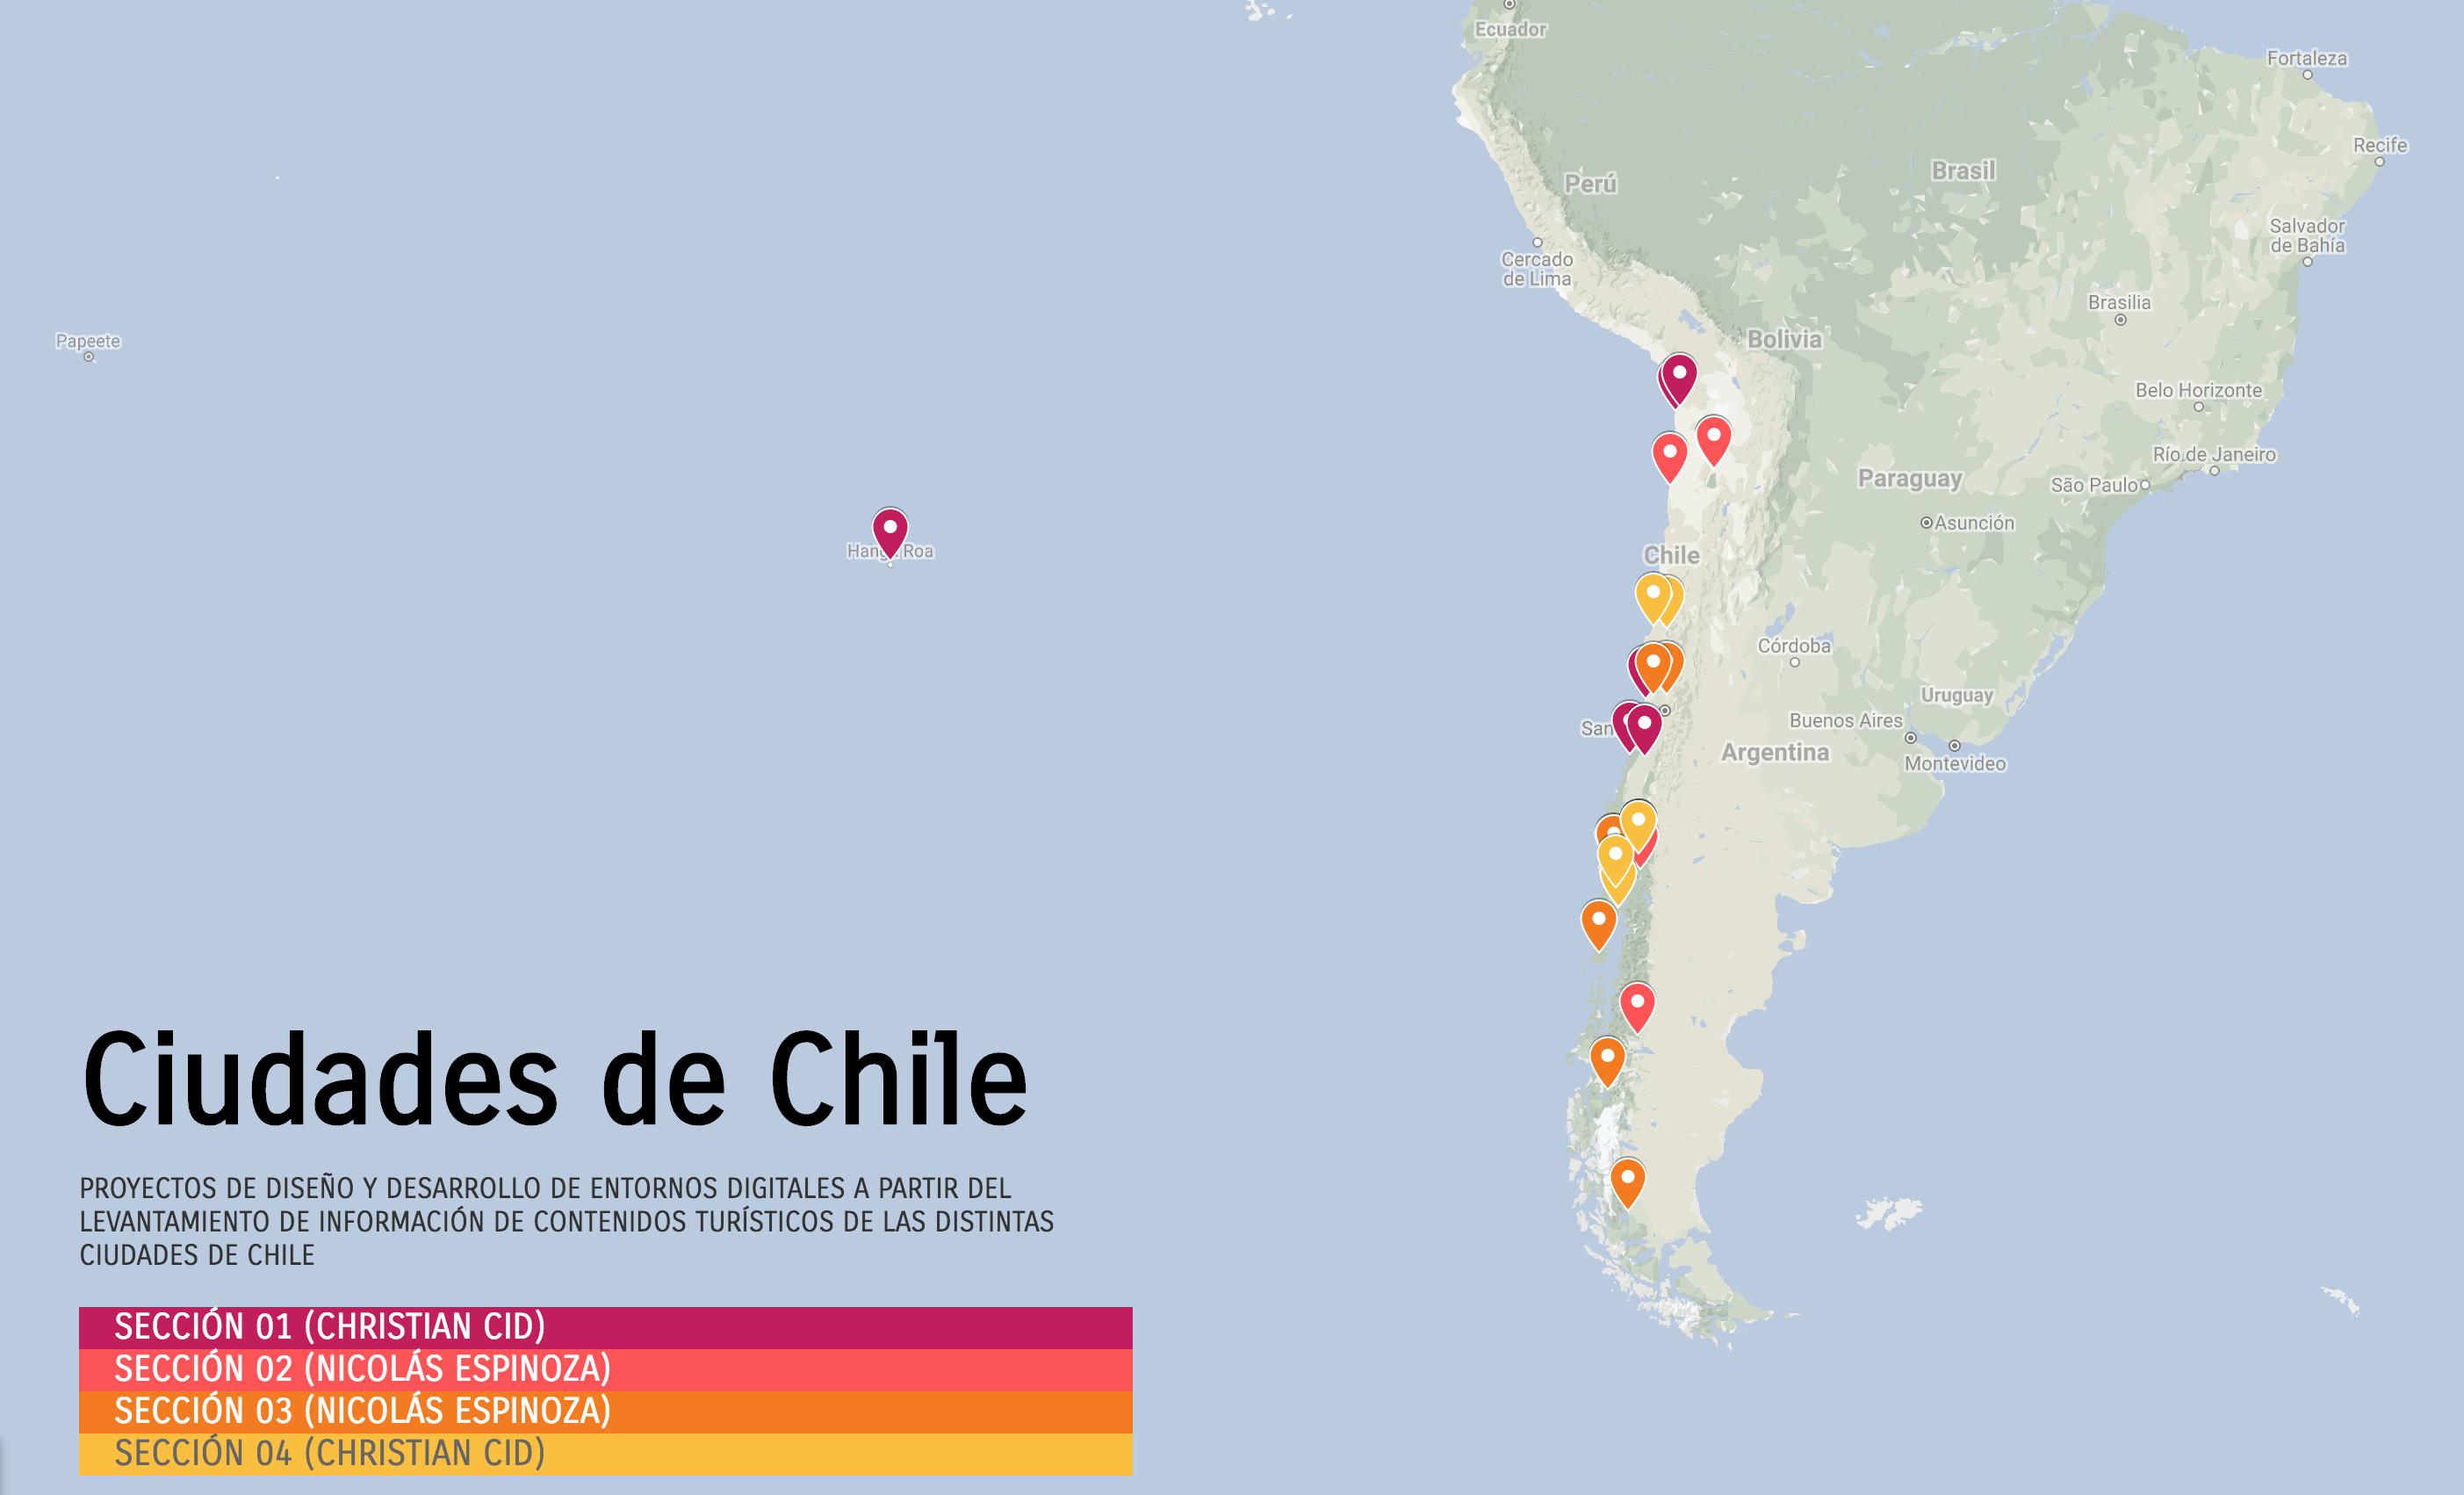 Ciudades de Chile